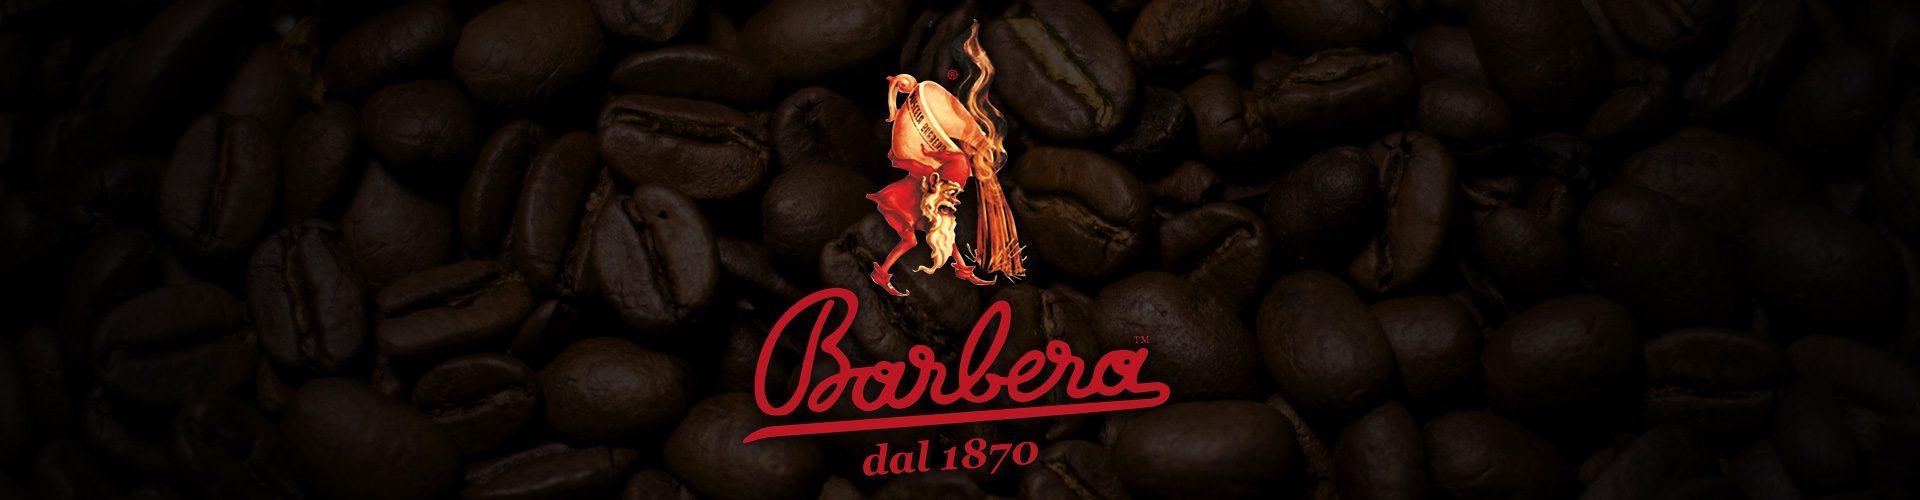 Barbera Caffè Deutschland